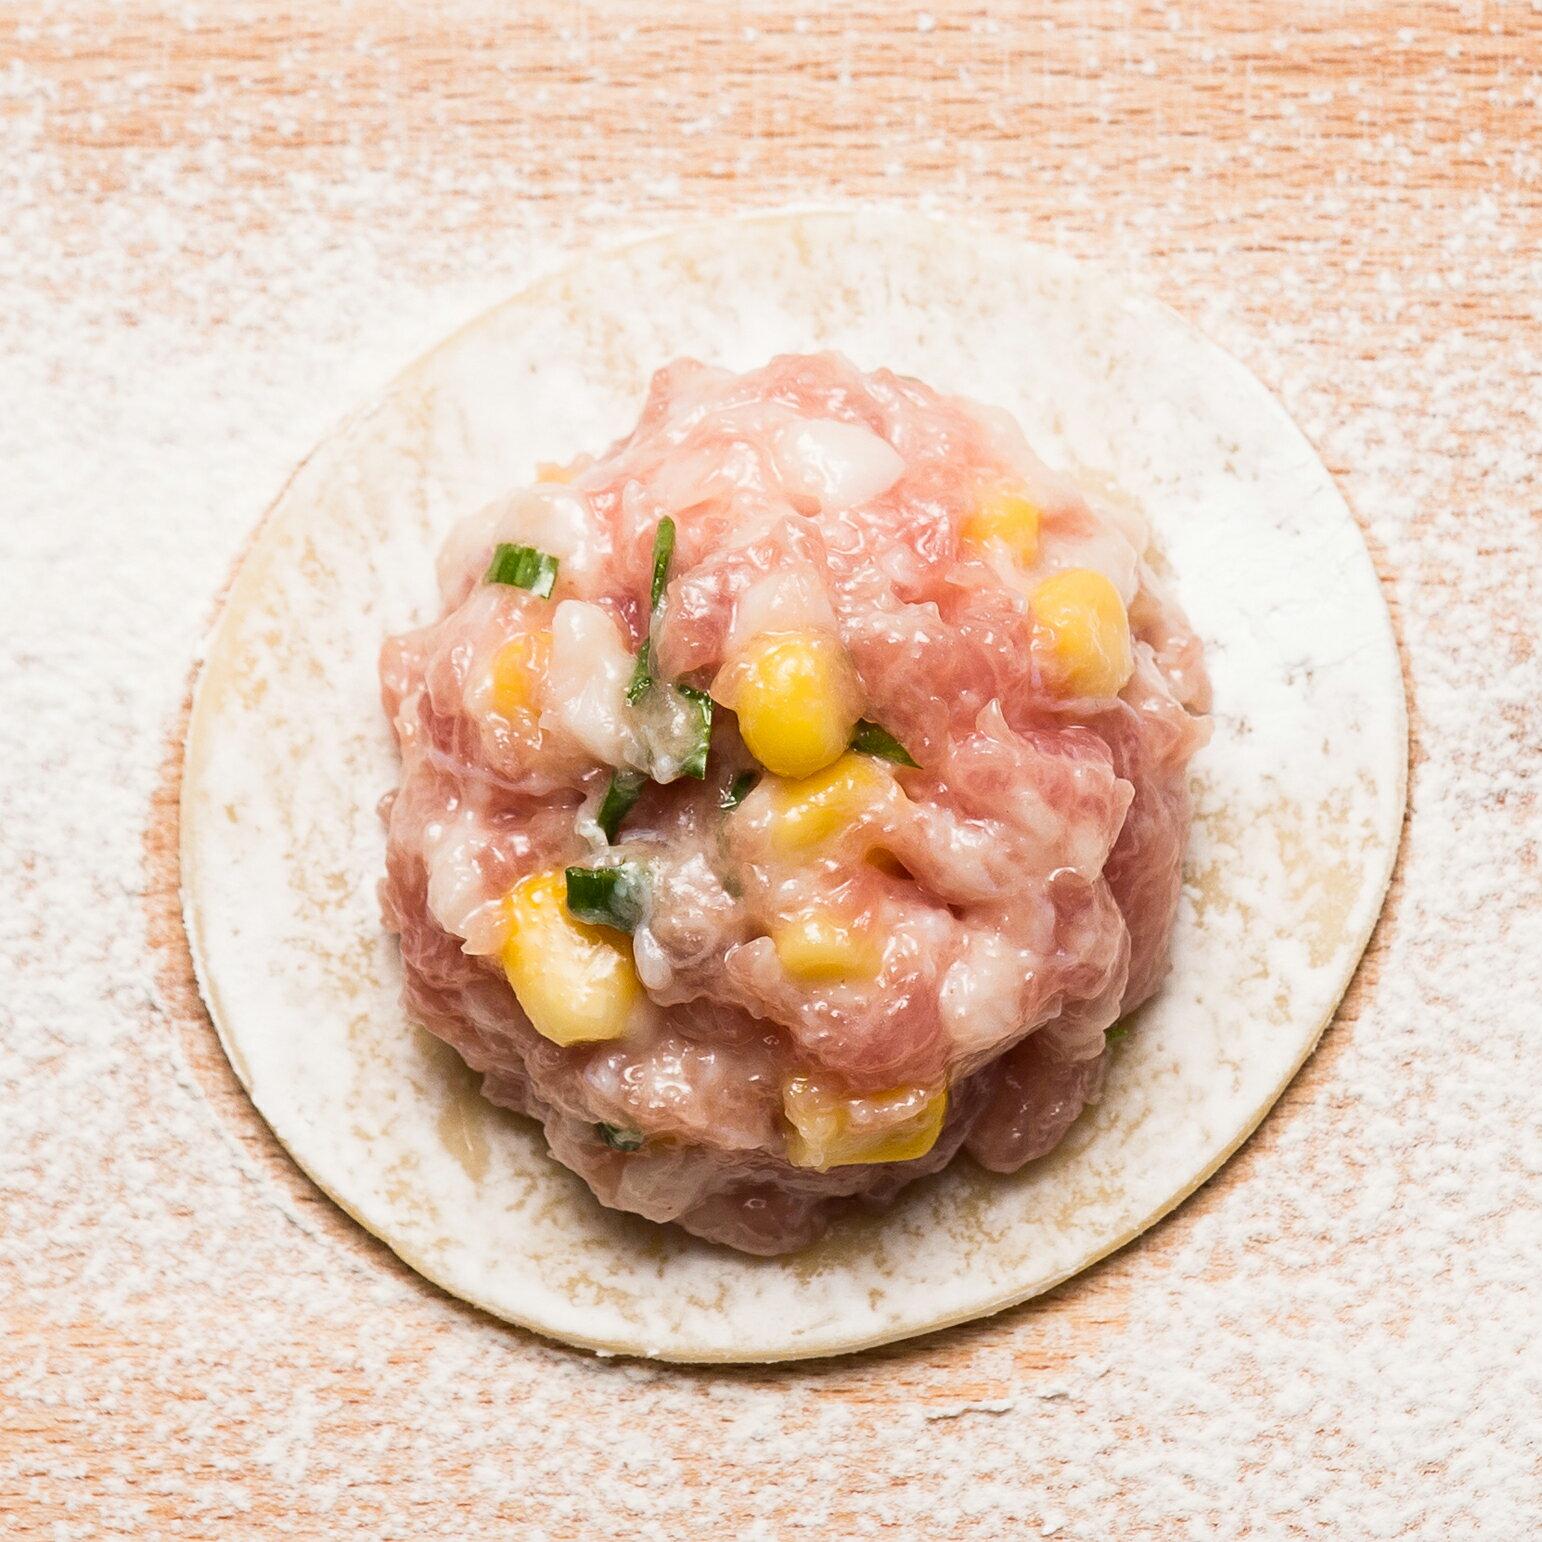 ★朱記手工水餃★玉米鮮肉水餃★鮮甜可口★每盒20入★ 4